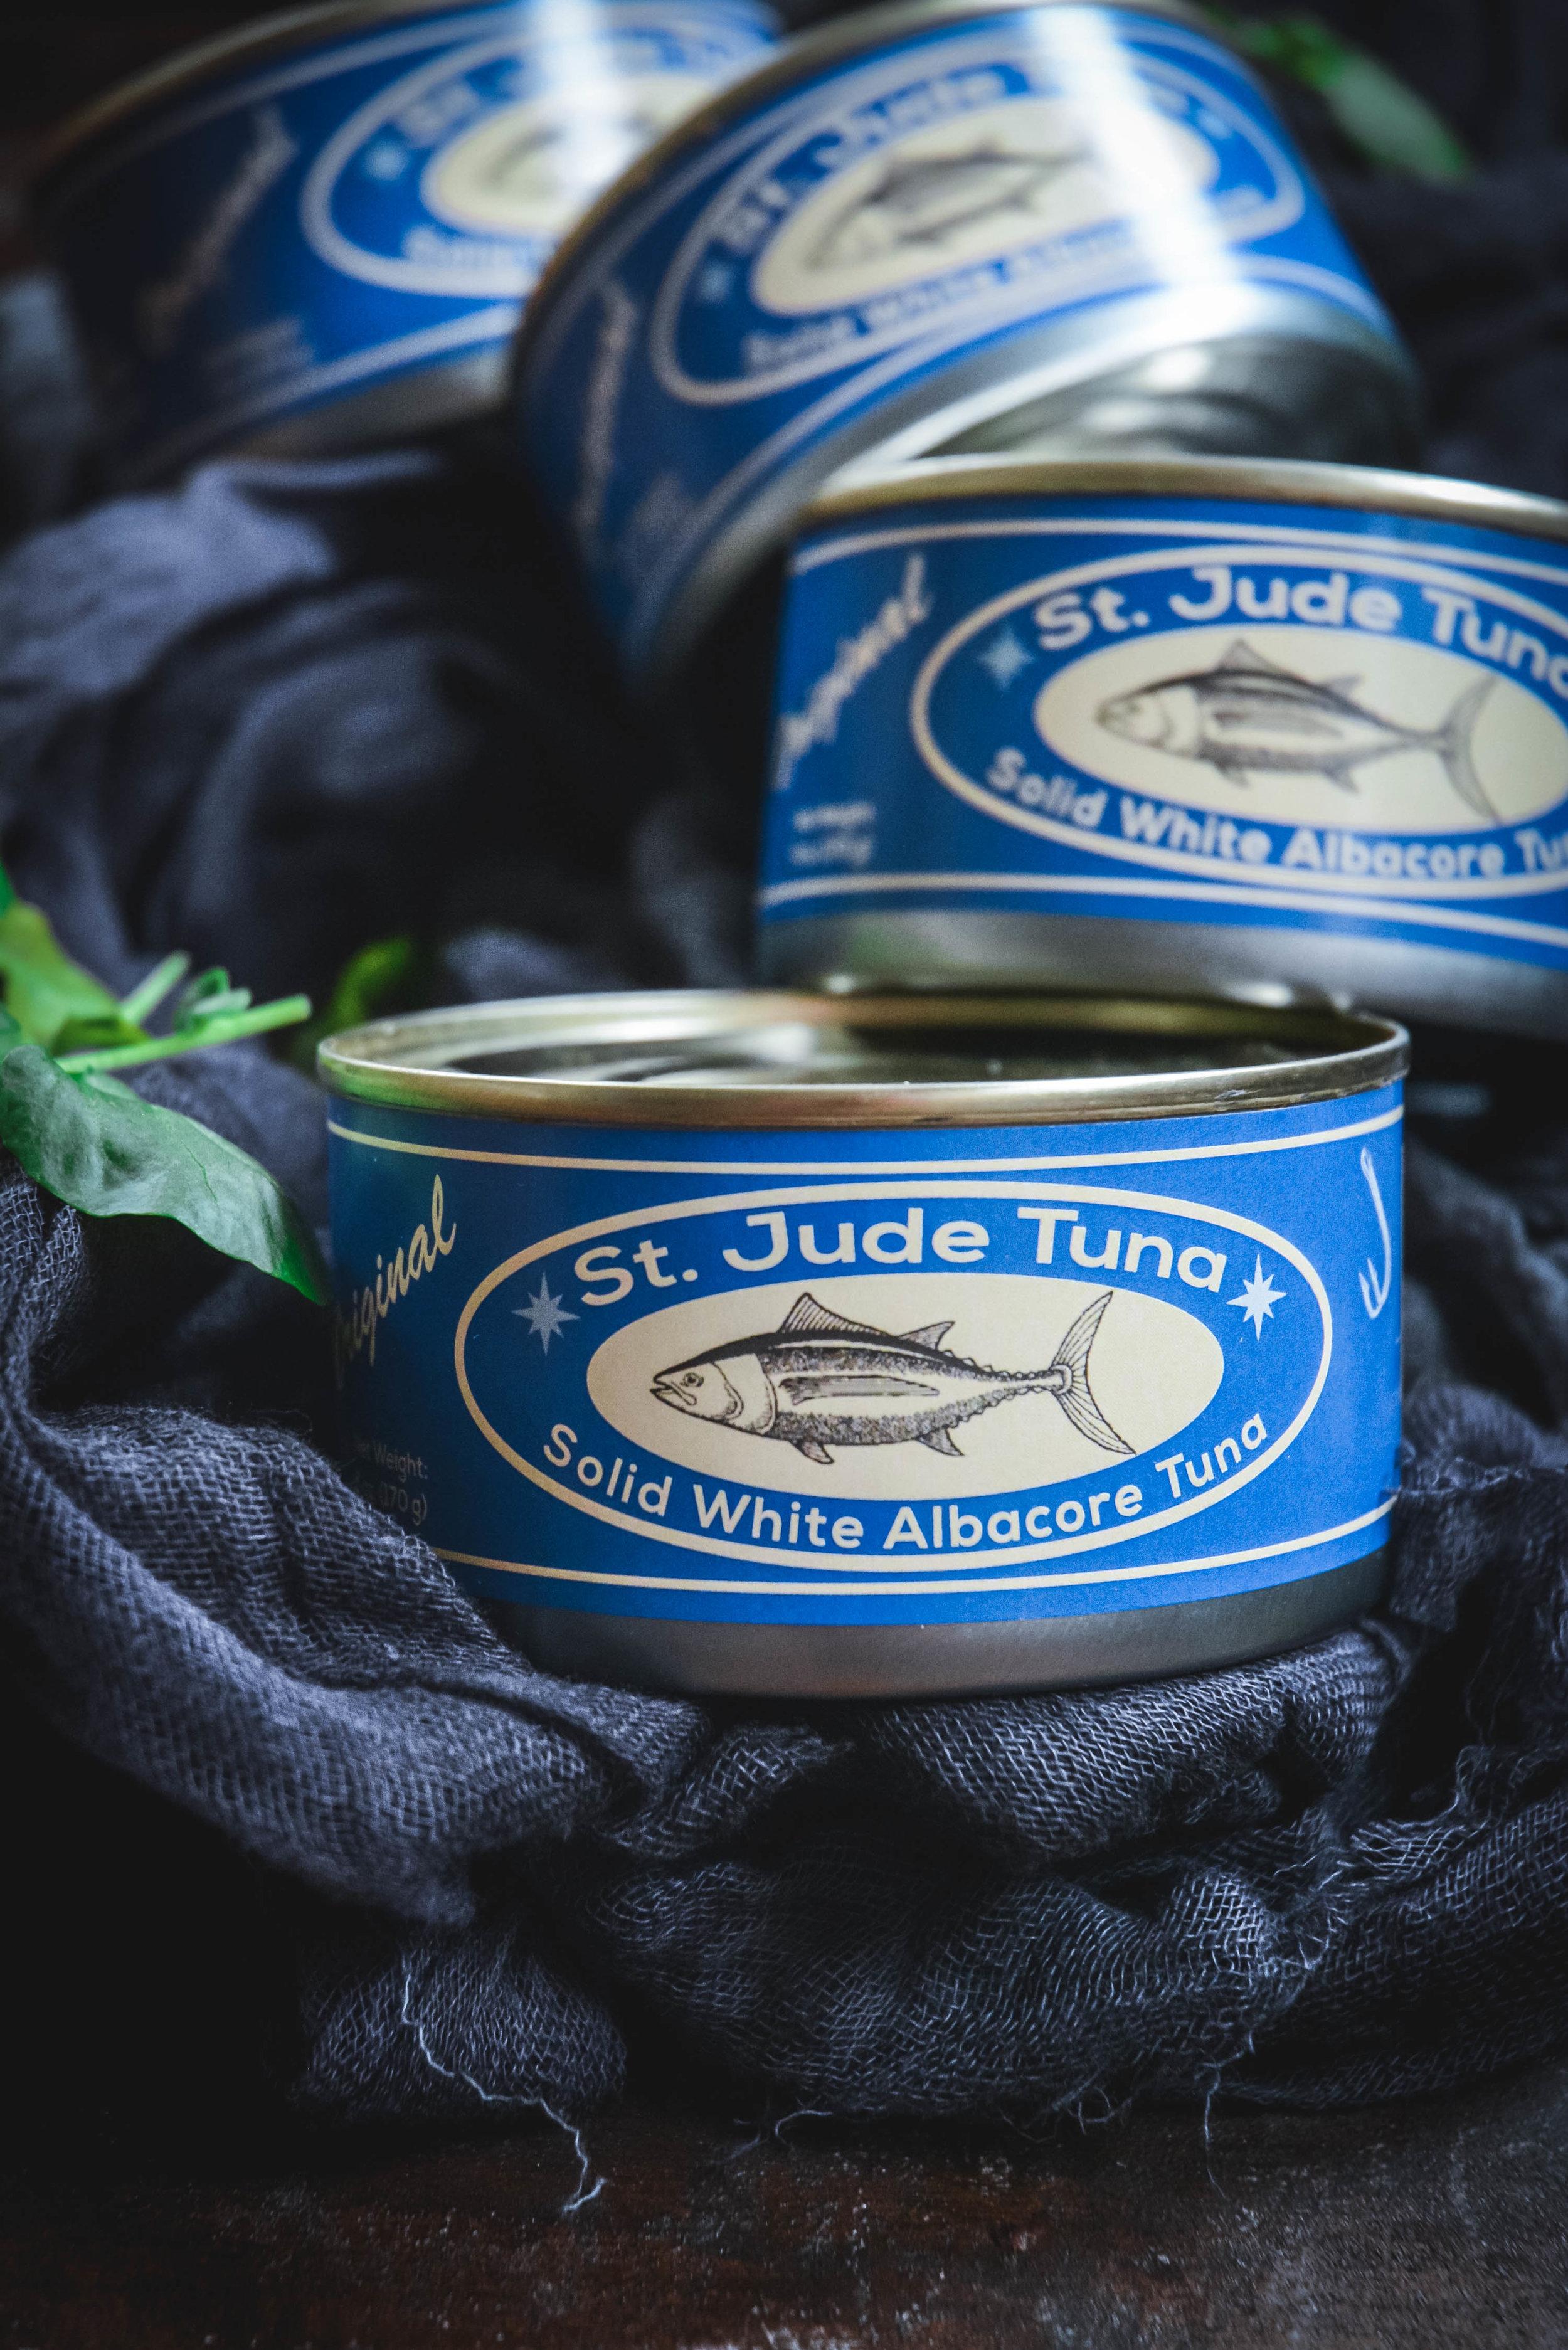 St Judes tuna